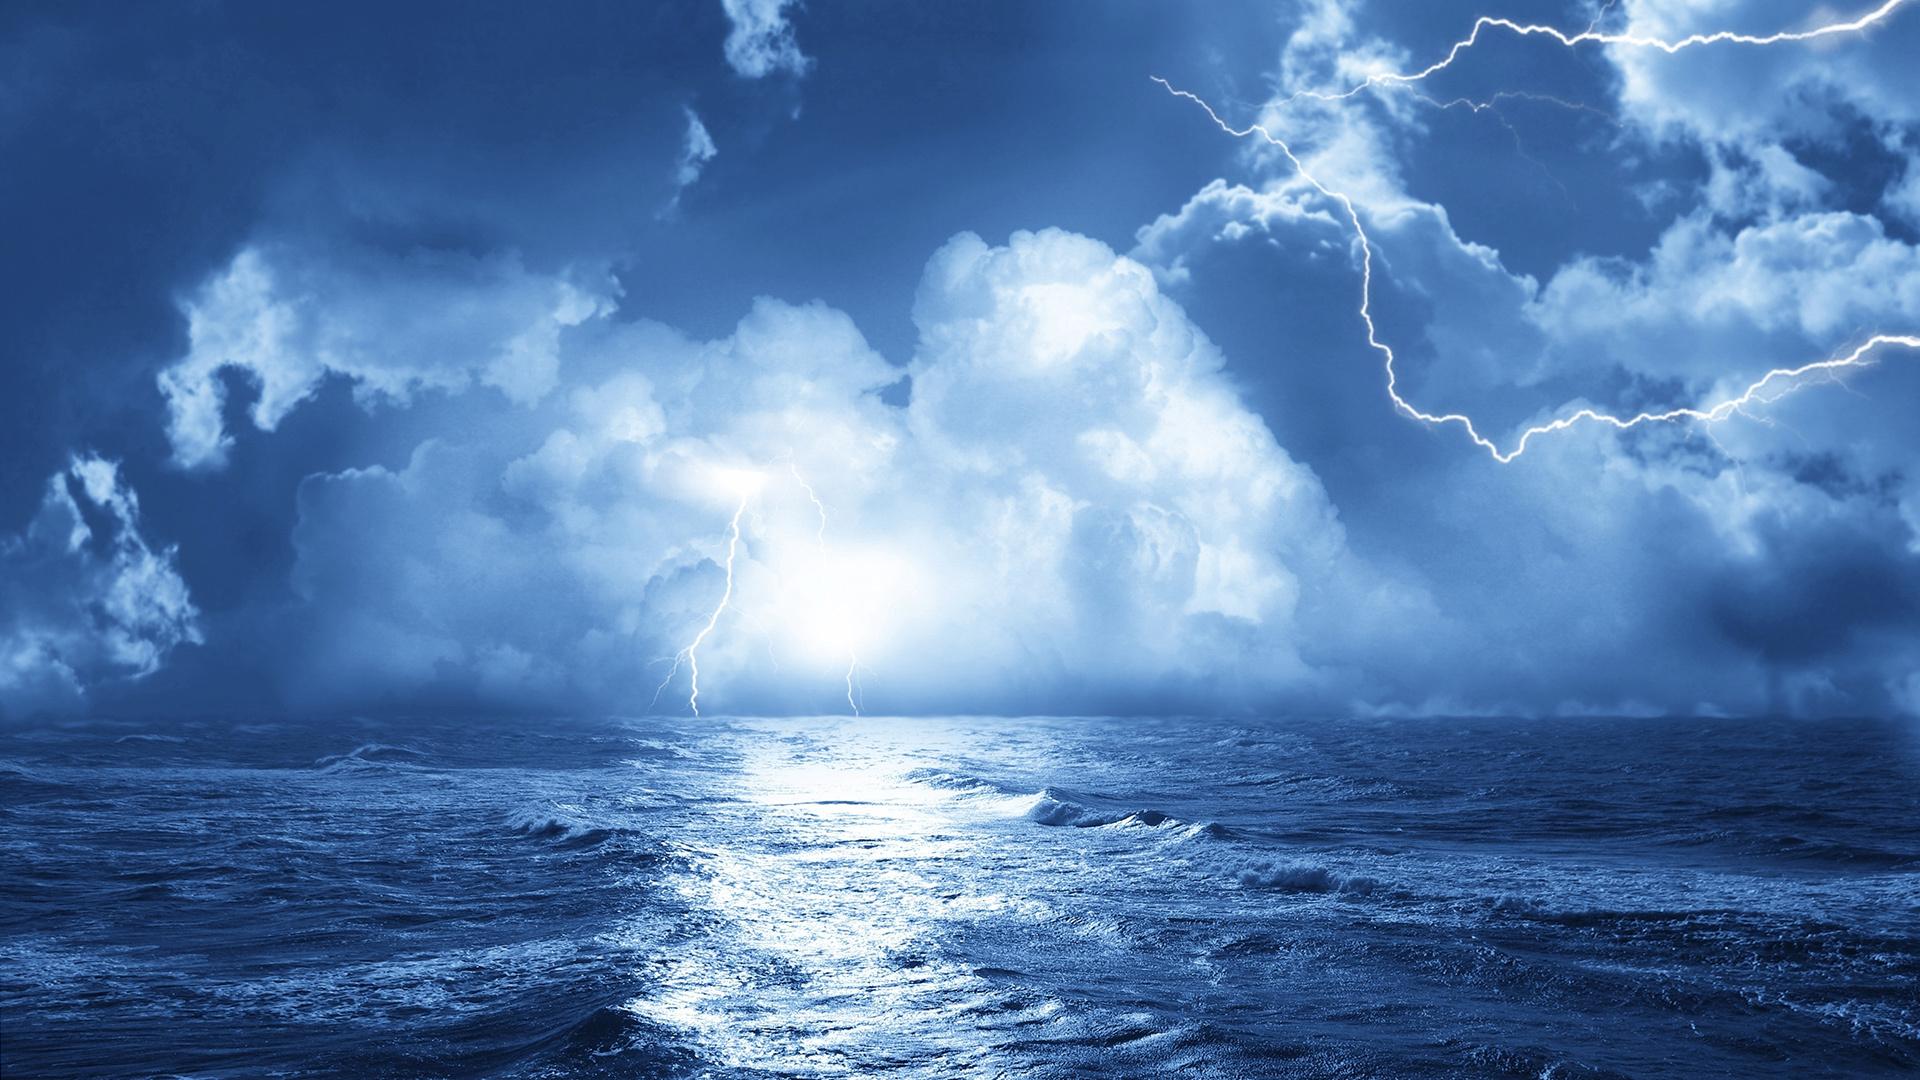 27050 скачать обои Пейзаж, Море, Облака, Волны, Молнии - заставки и картинки бесплатно